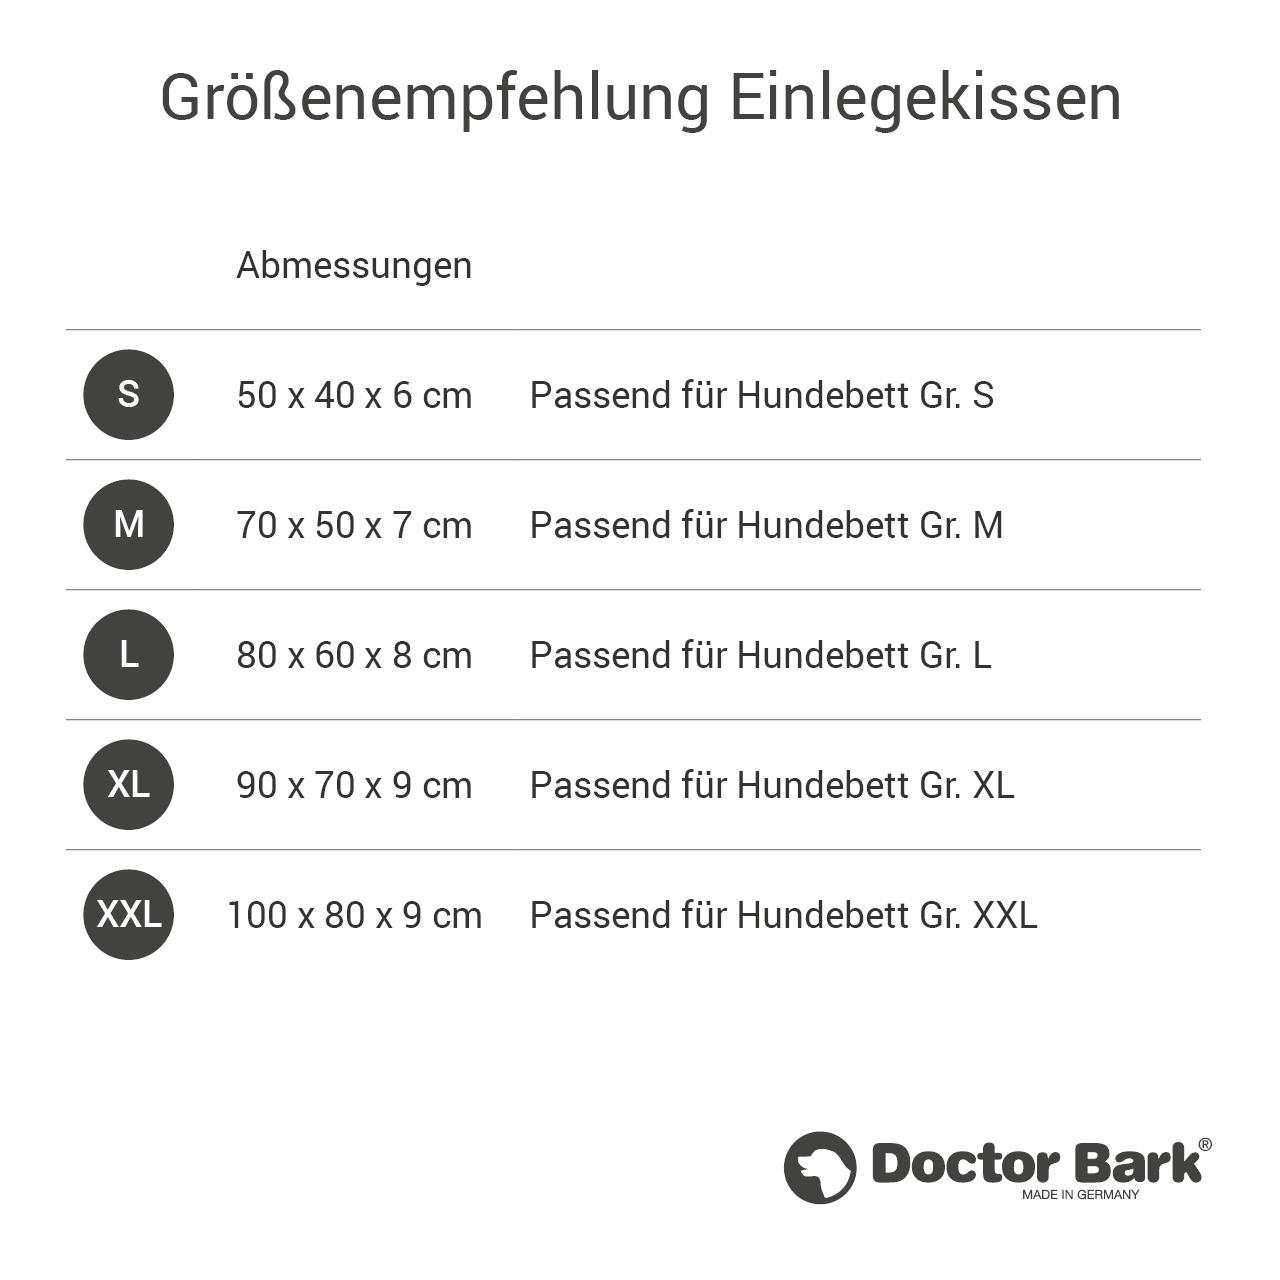 orthopädisches Einlegekissen für Doctor Bark Hundebett Gr. XL - braun